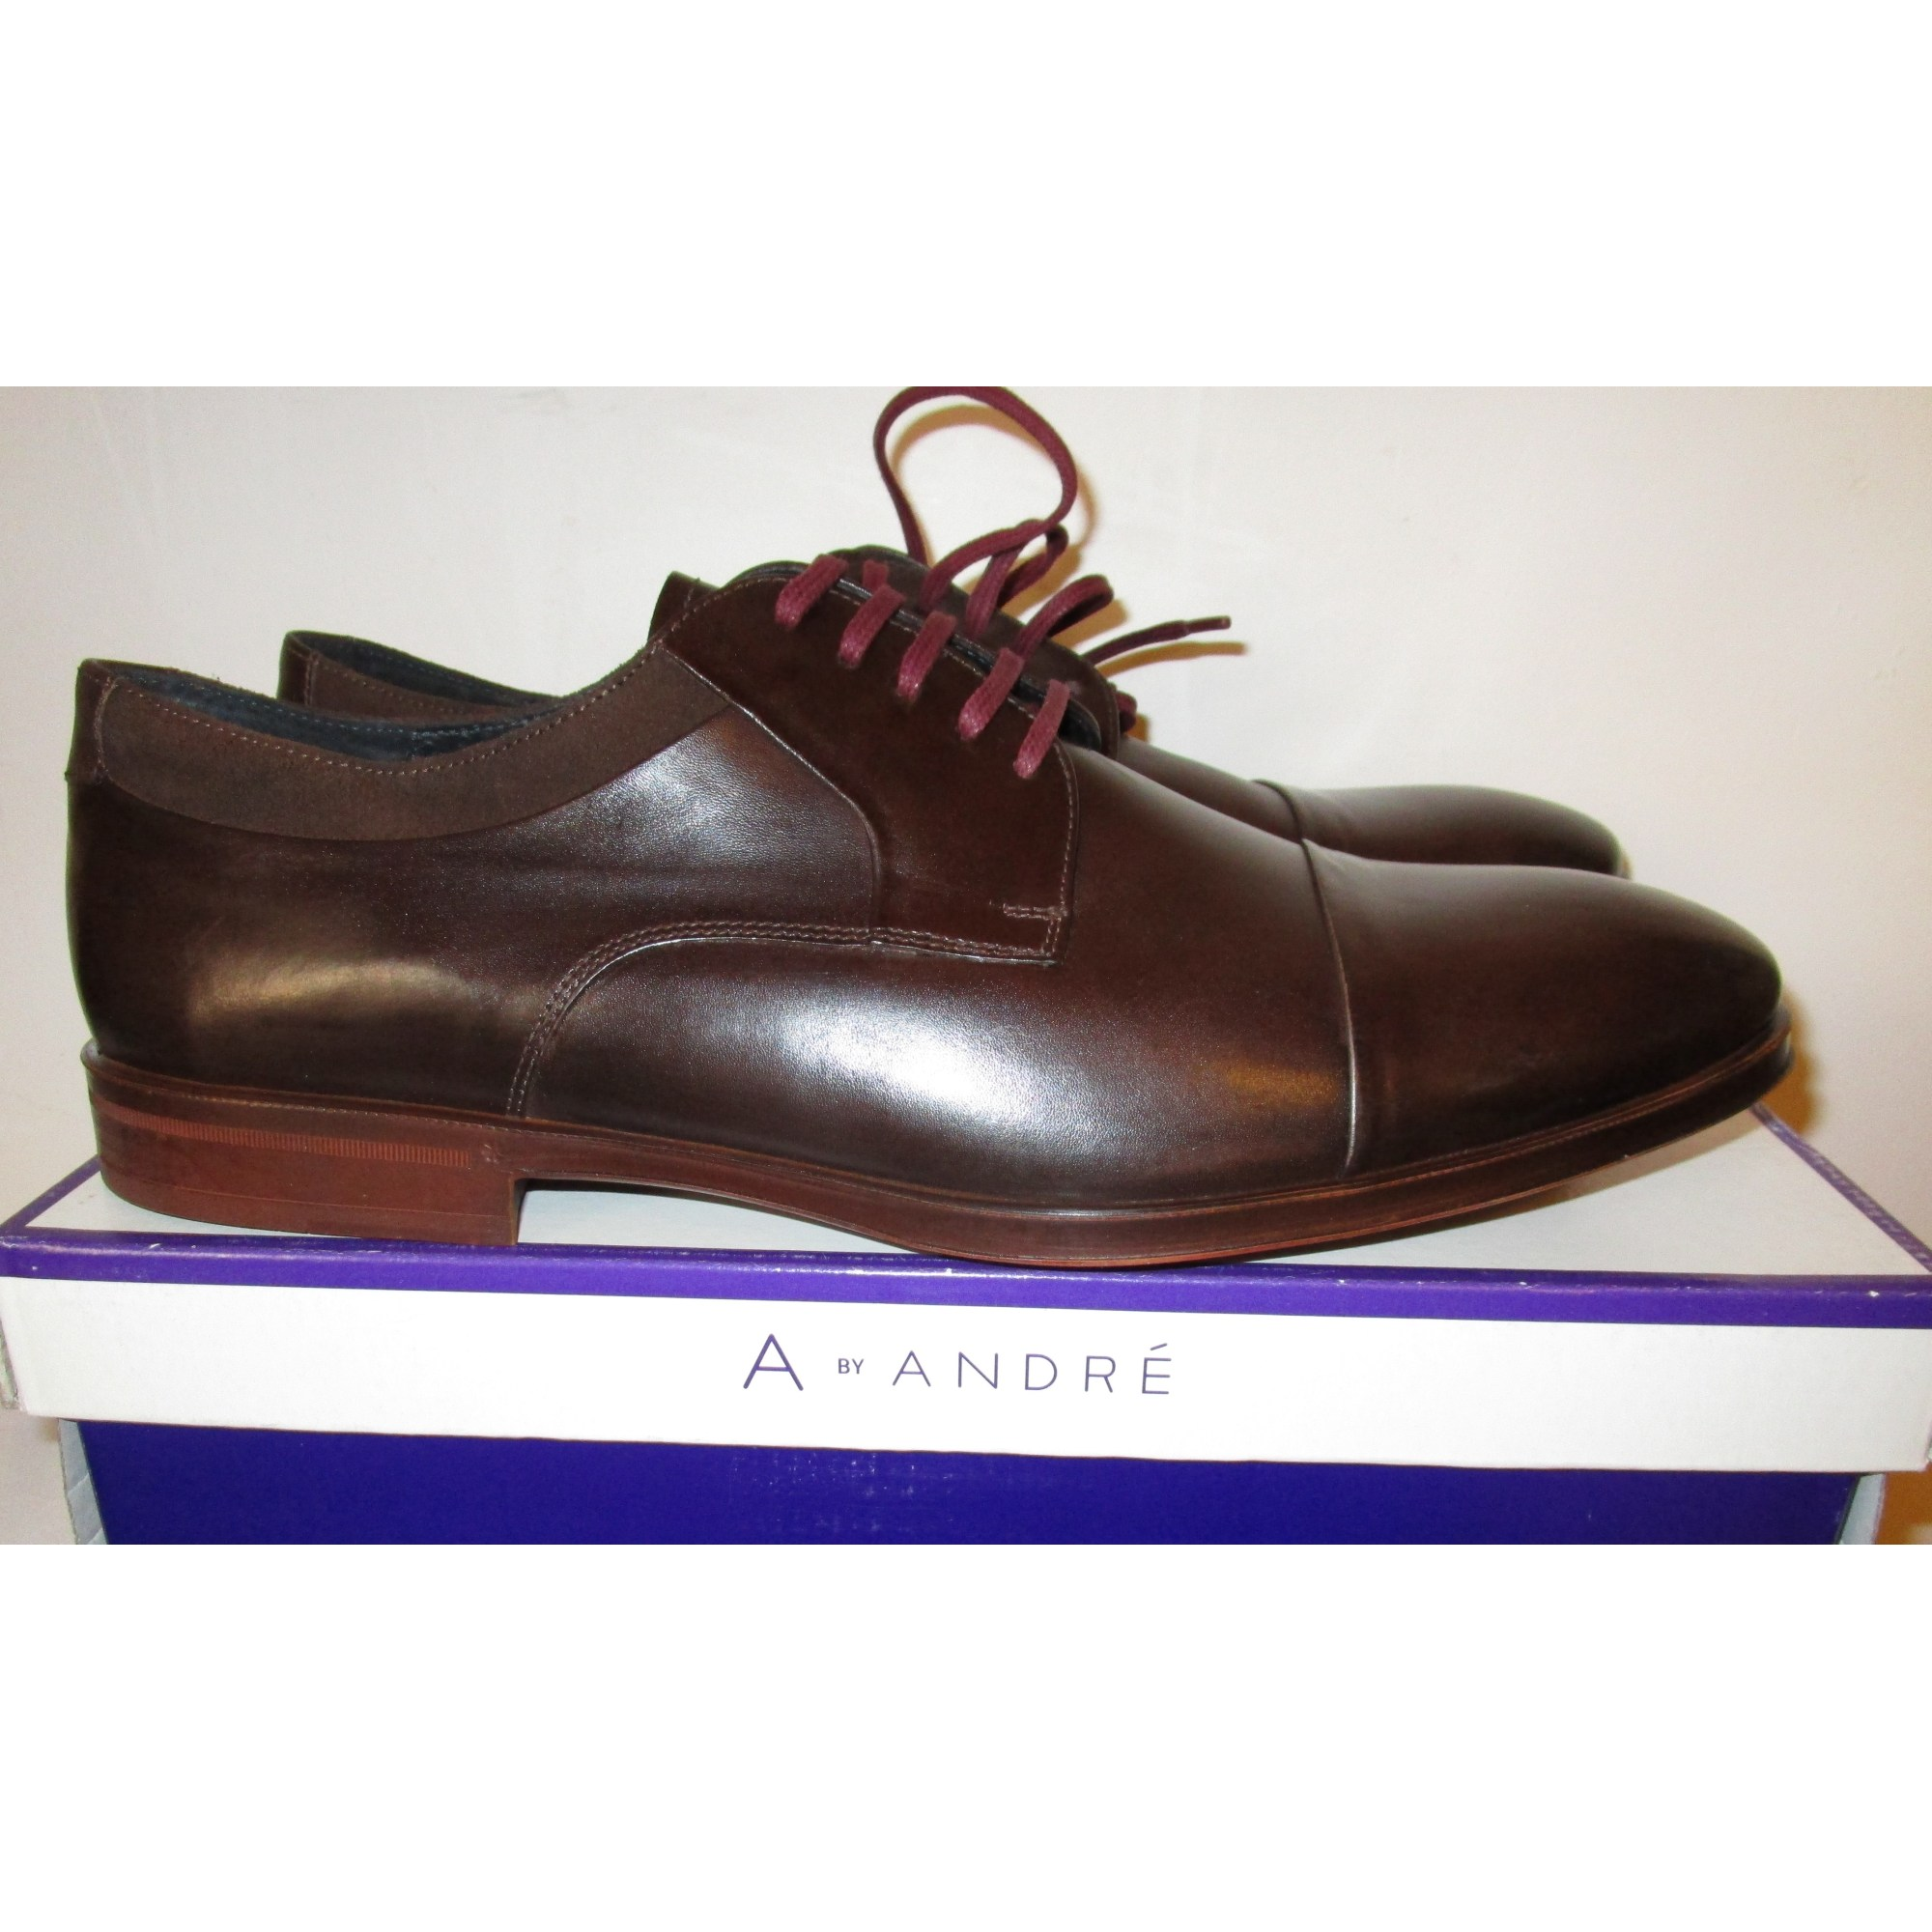 51ff0f27477ed0 Chaussures à lacets ANDRÉ 46 marron vendu par Vama - 6274452